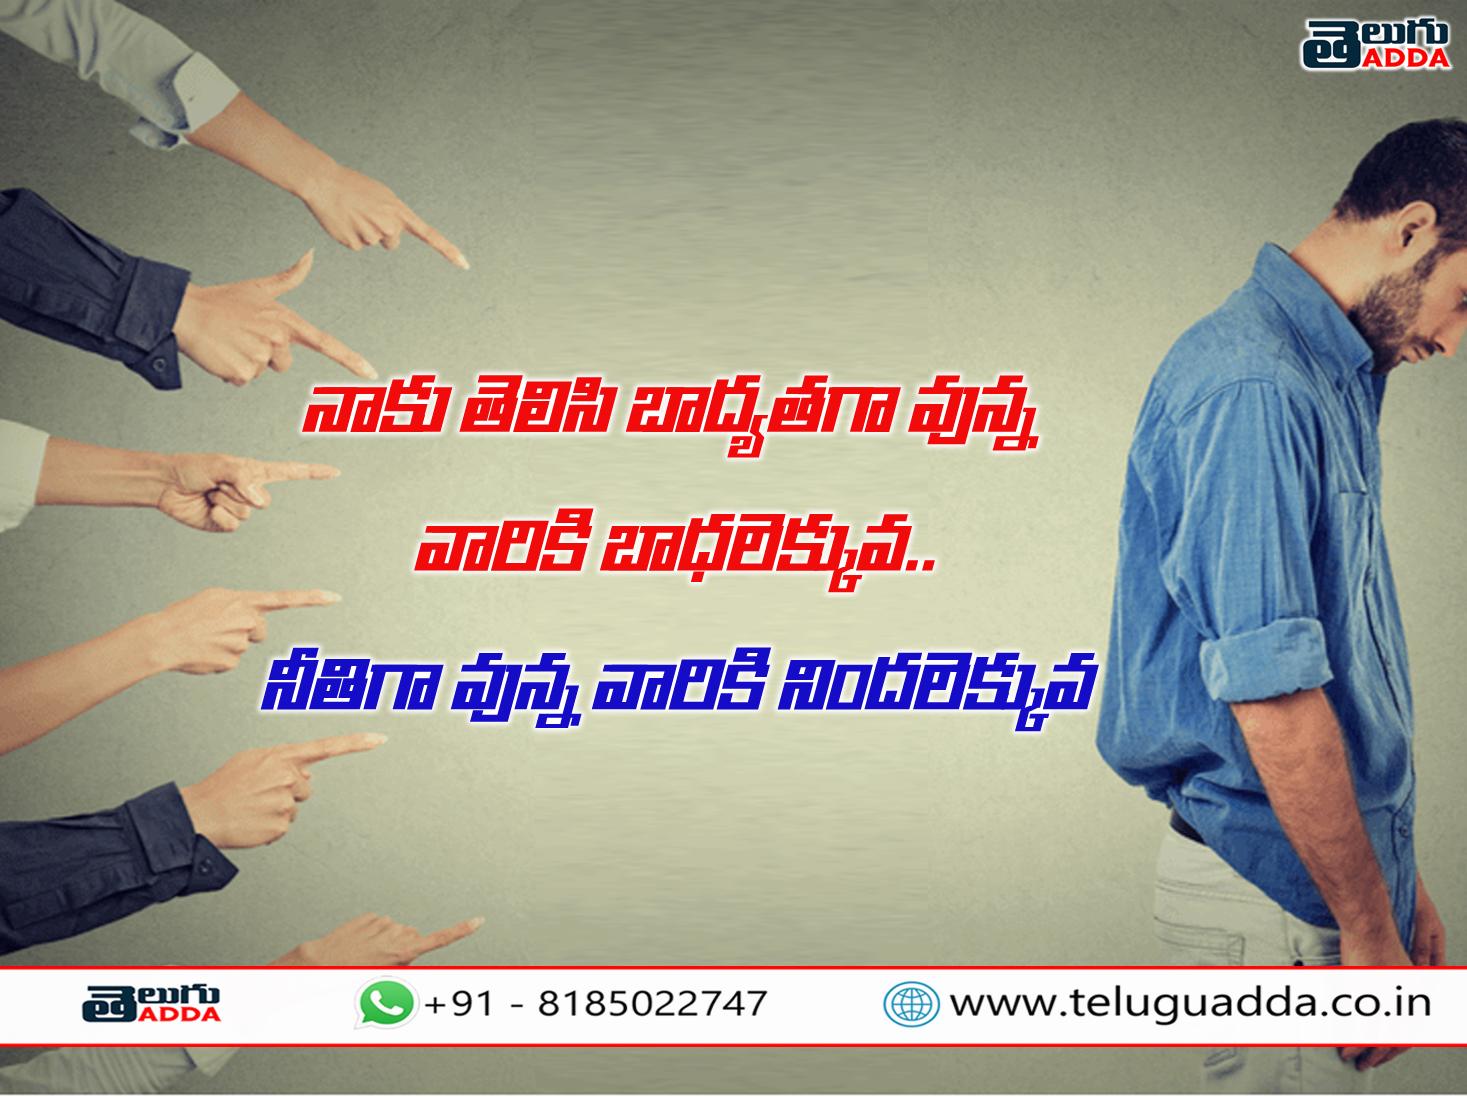 Best Telugu Quotes 2020